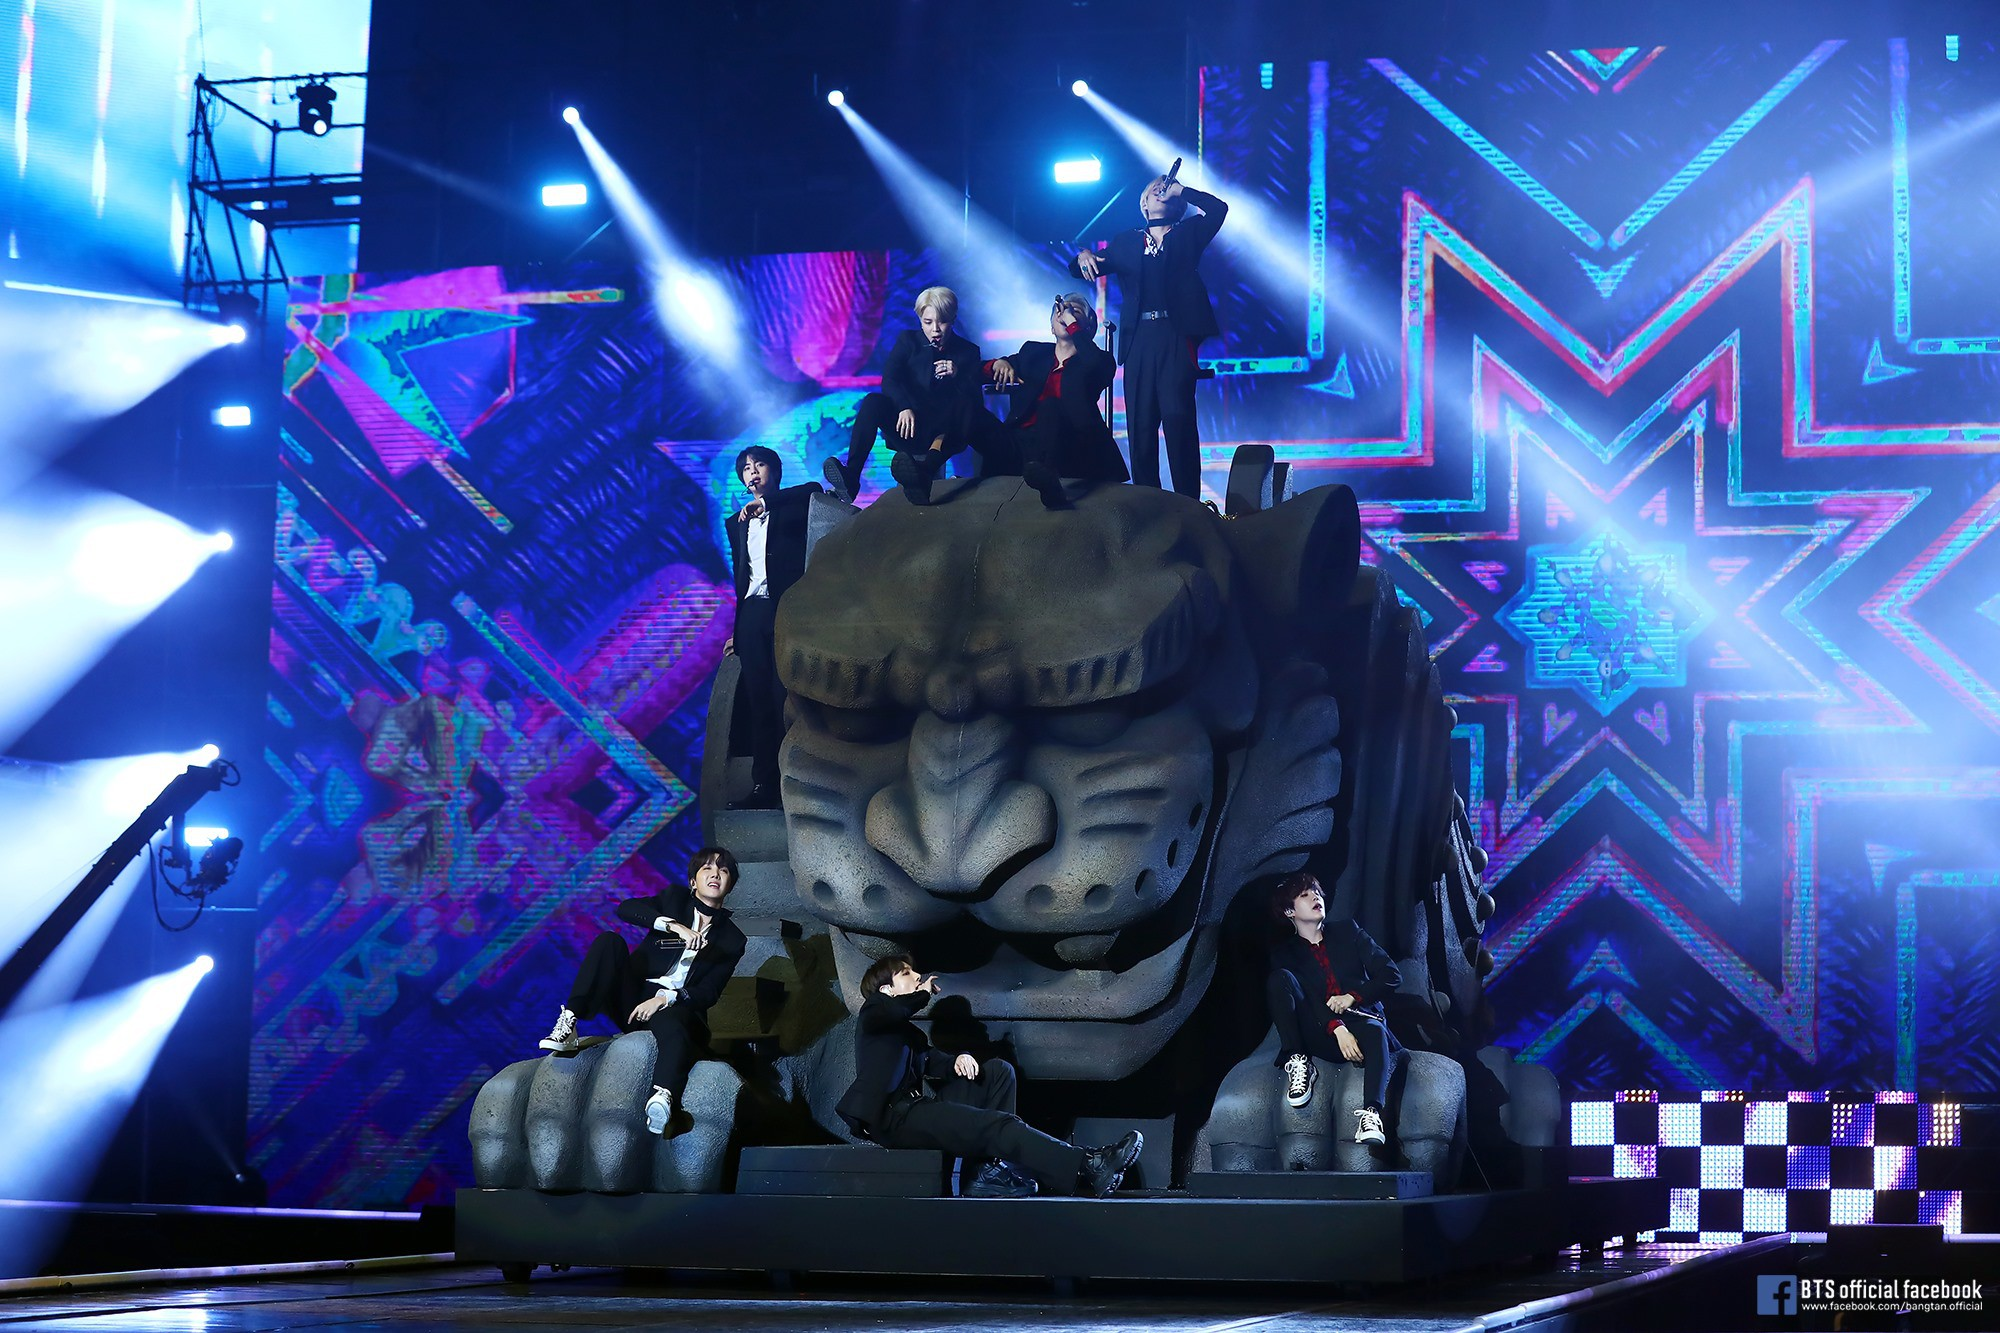 Từ concert Wembley lịch sử cho đến hội đồng bỏ phiếu của giải Grammy: sẽ không có một BTS kết thúc ở hai từ hiện tượng - Ảnh 4.